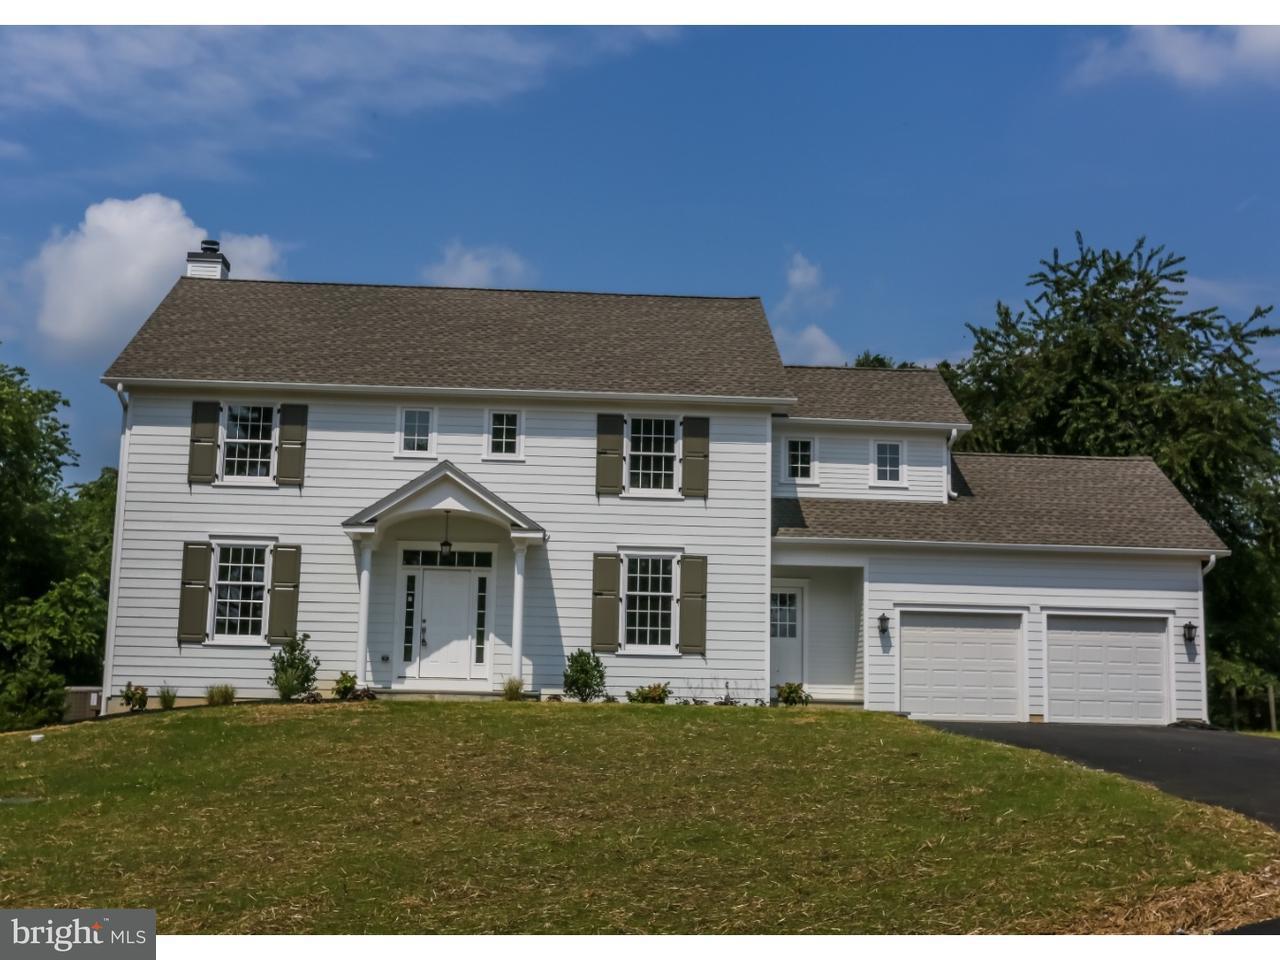 Частный односемейный дом для того Продажа на 101 POPLAR TREE Road Unionville, Пенсильвания 19348 Соединенные Штаты